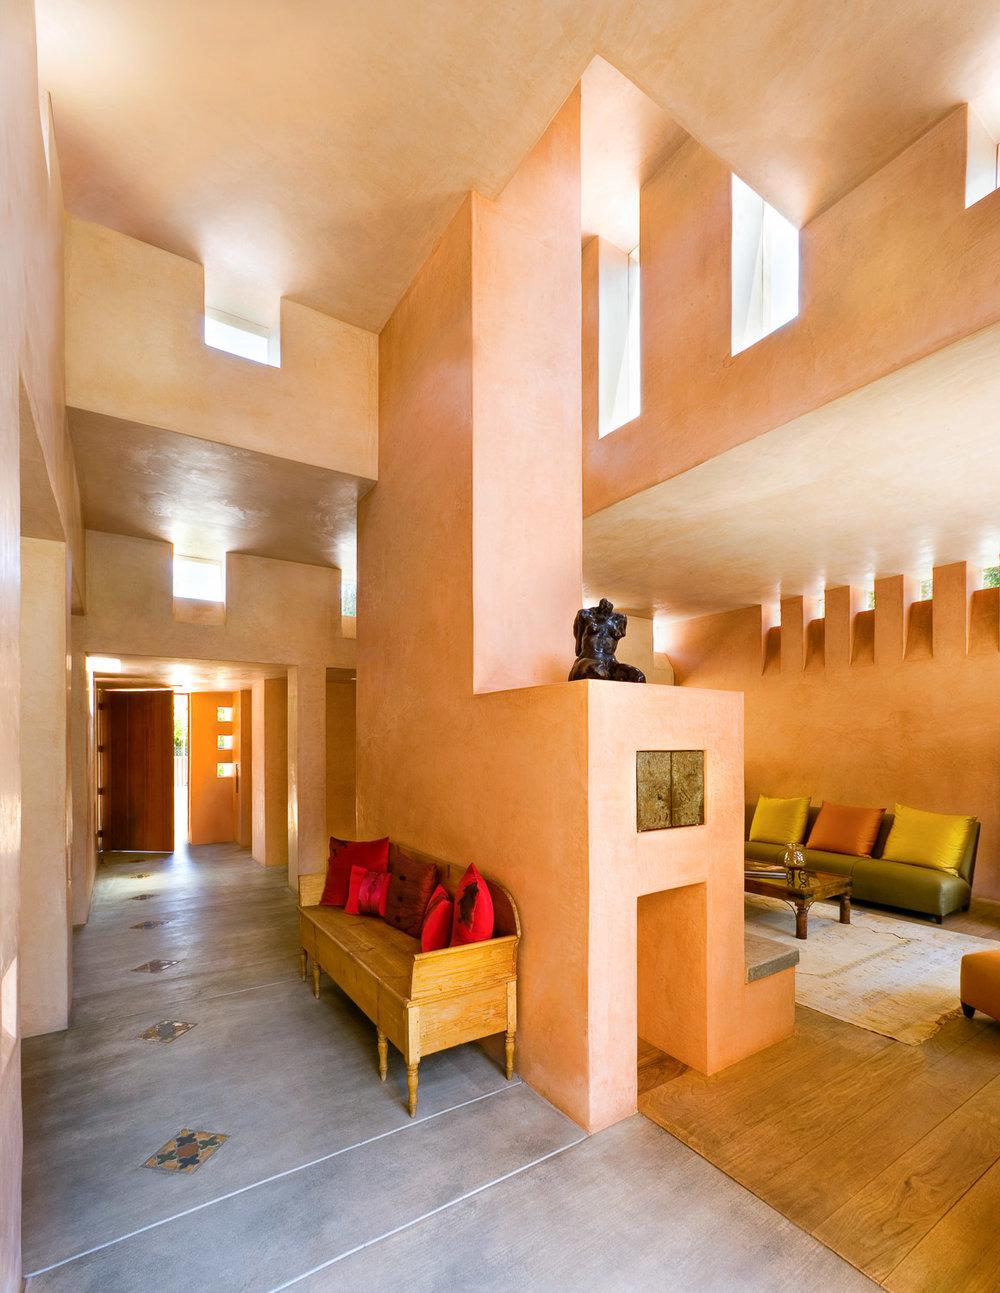 010 Los Angeles Private Residence.jpg